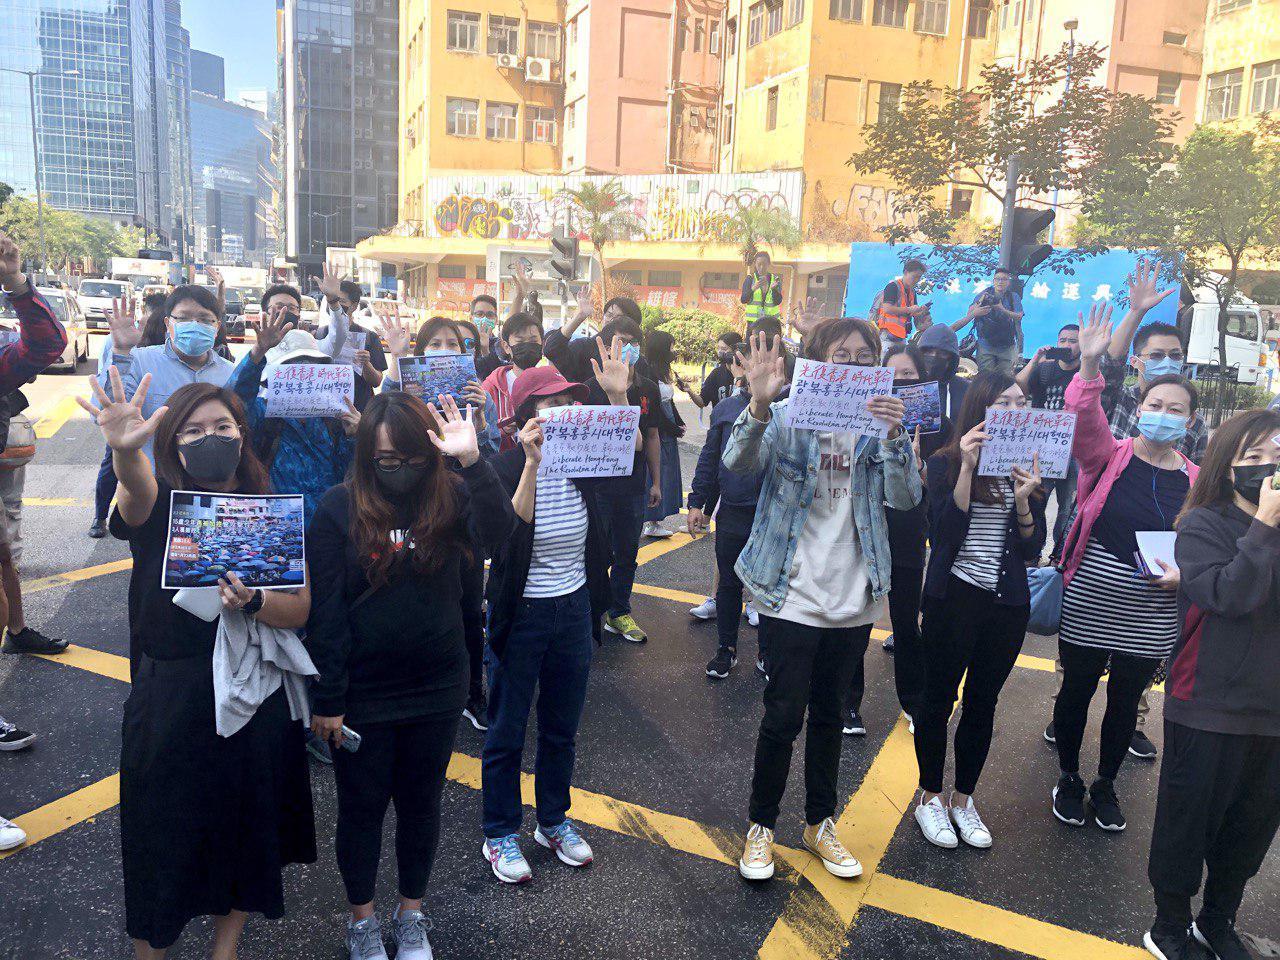 今日(11月27日),在觀塘駿業街遊樂場市民發起「和你Lunch活動」,有超過400位的上班一族參加了遊行。(余天佑 / 大紀元)